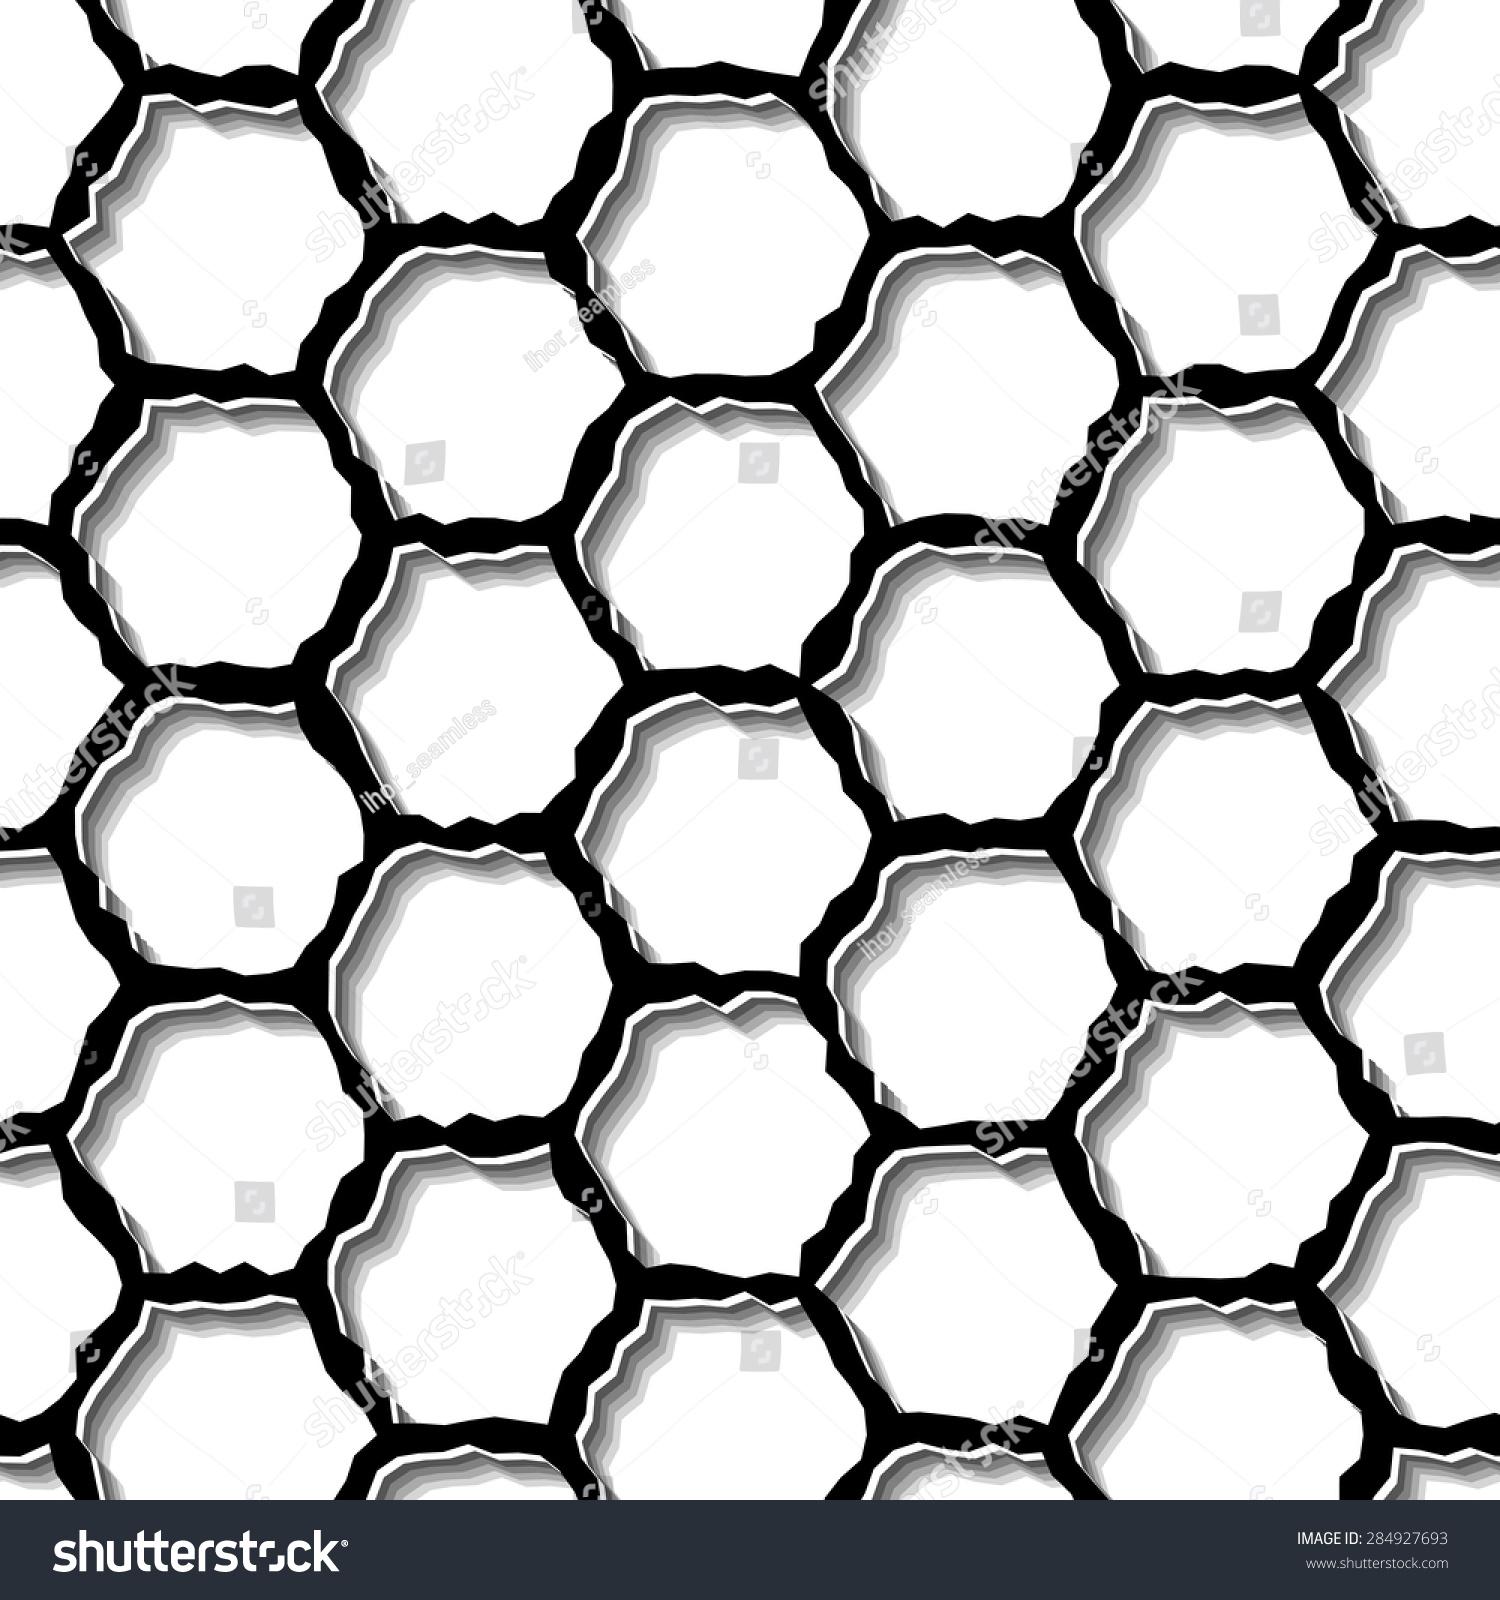 现代流行的六边形网格模式.重复抽象背景-背景/素材